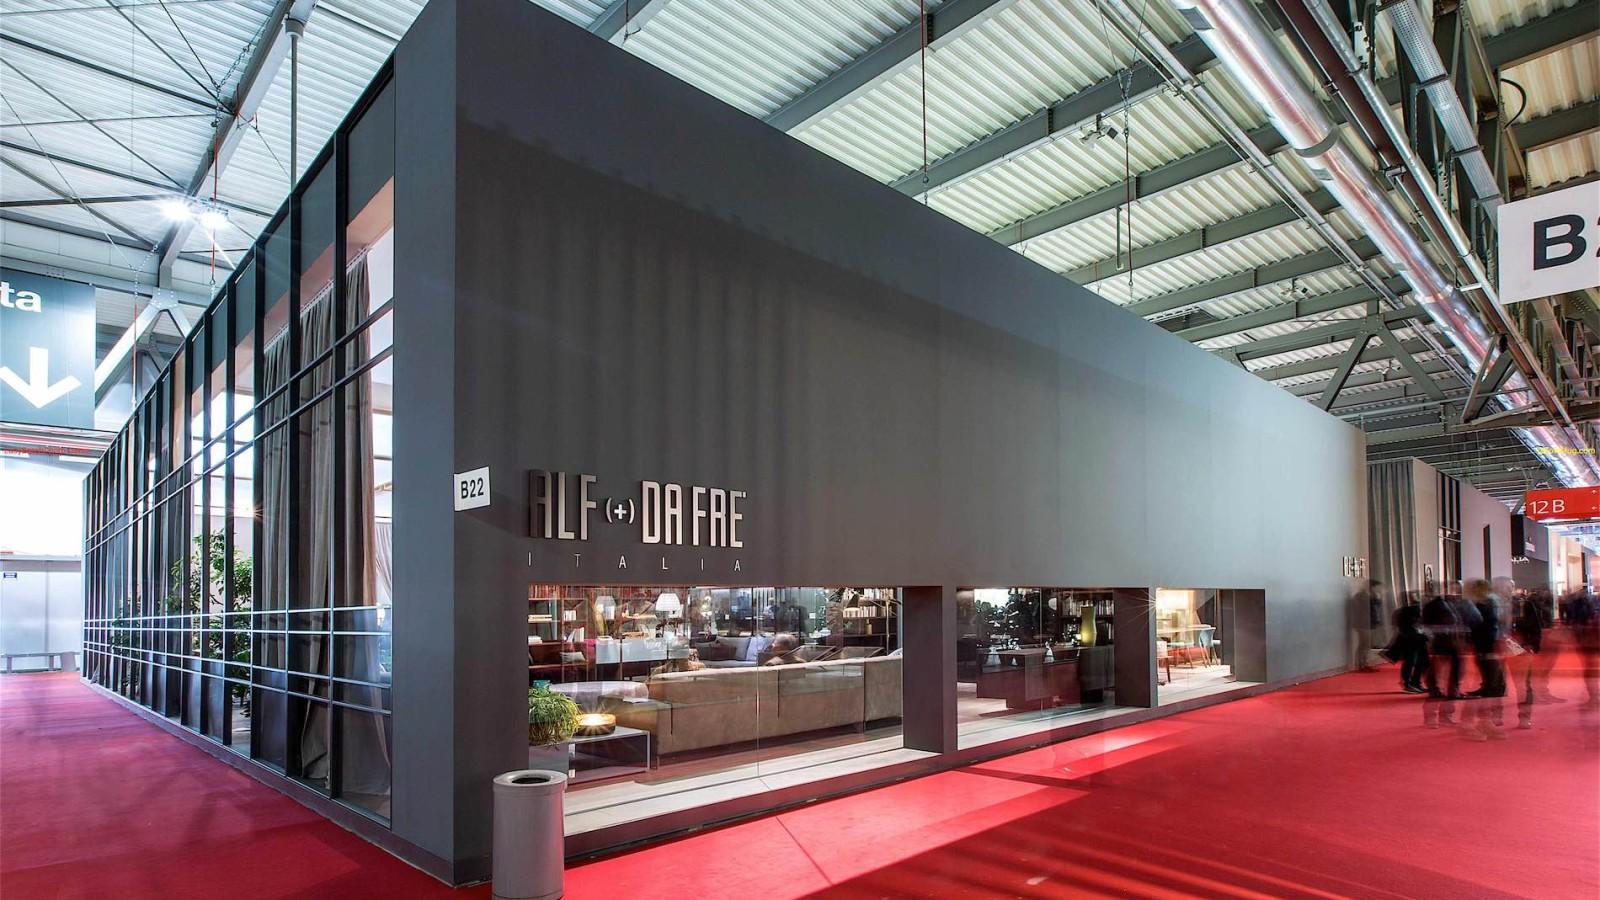 Bottega - Dettaglio allestimento stand Alf (+) Da Frè  per l'edizione 2014 del Salone del Mobile di Milano